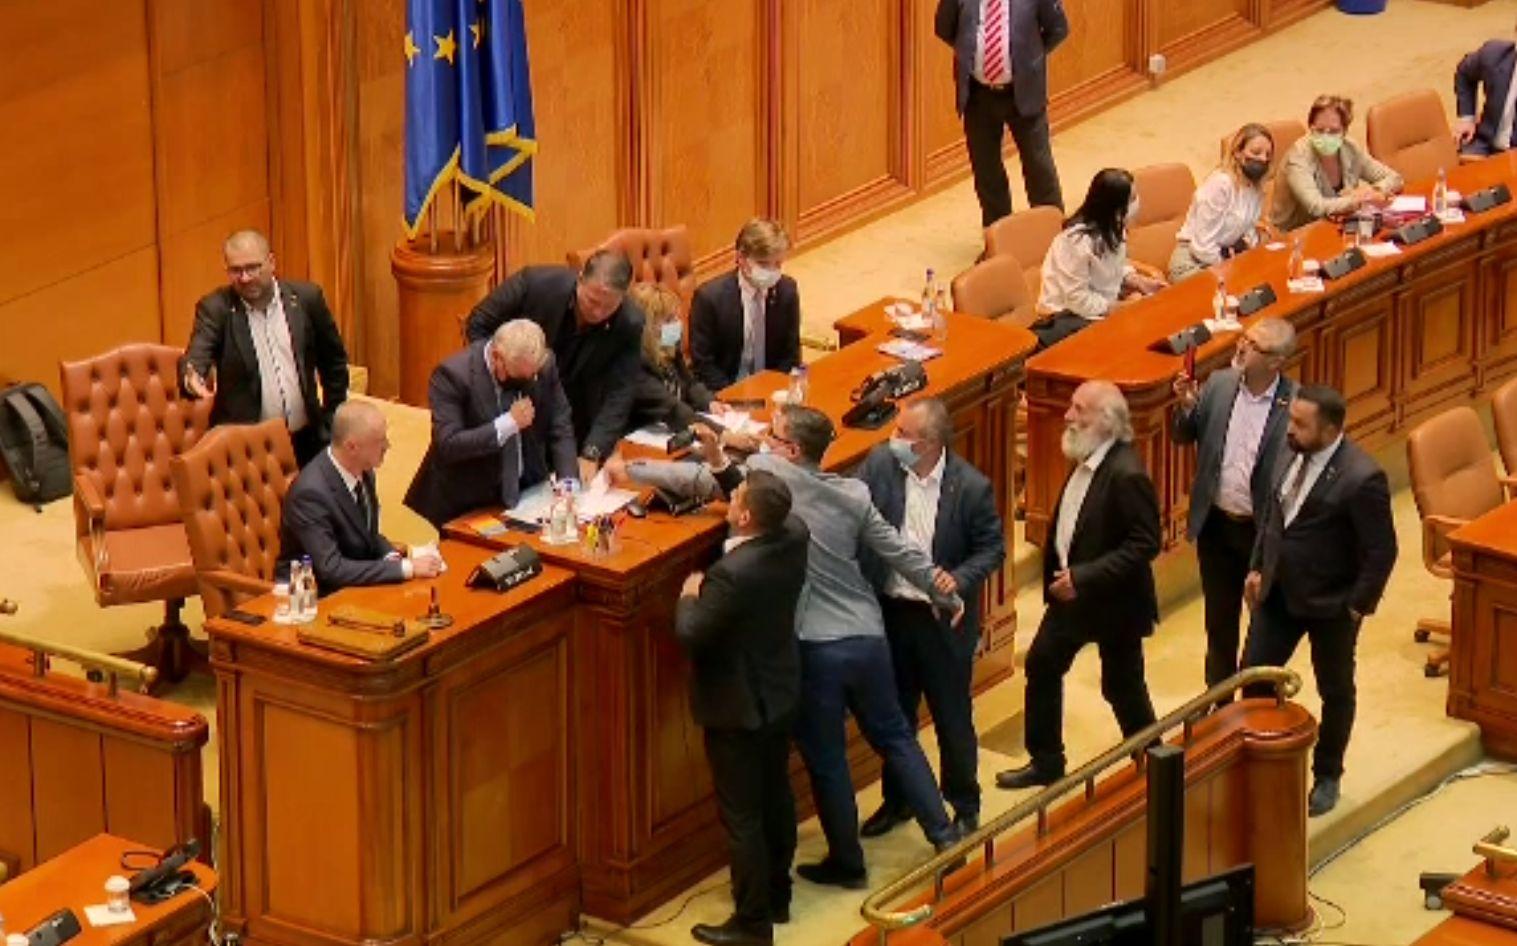 Scandalul din Parlament, etapa plângerilor penale. Florin Cîțu cere doar amendarea celor care nu purtau mască